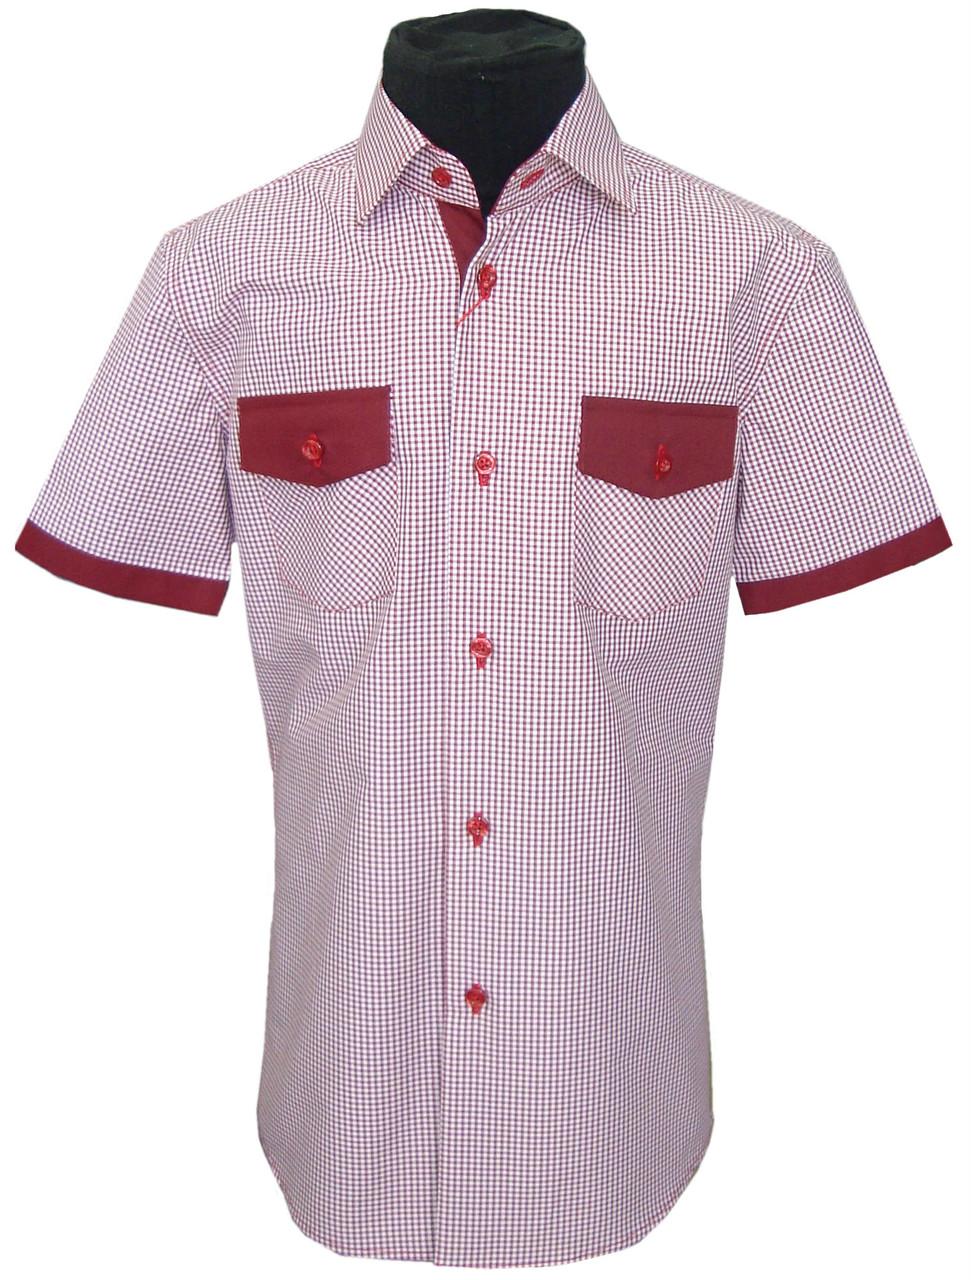 Рубашка детская c коротким рукавом №12/4 7486 V04